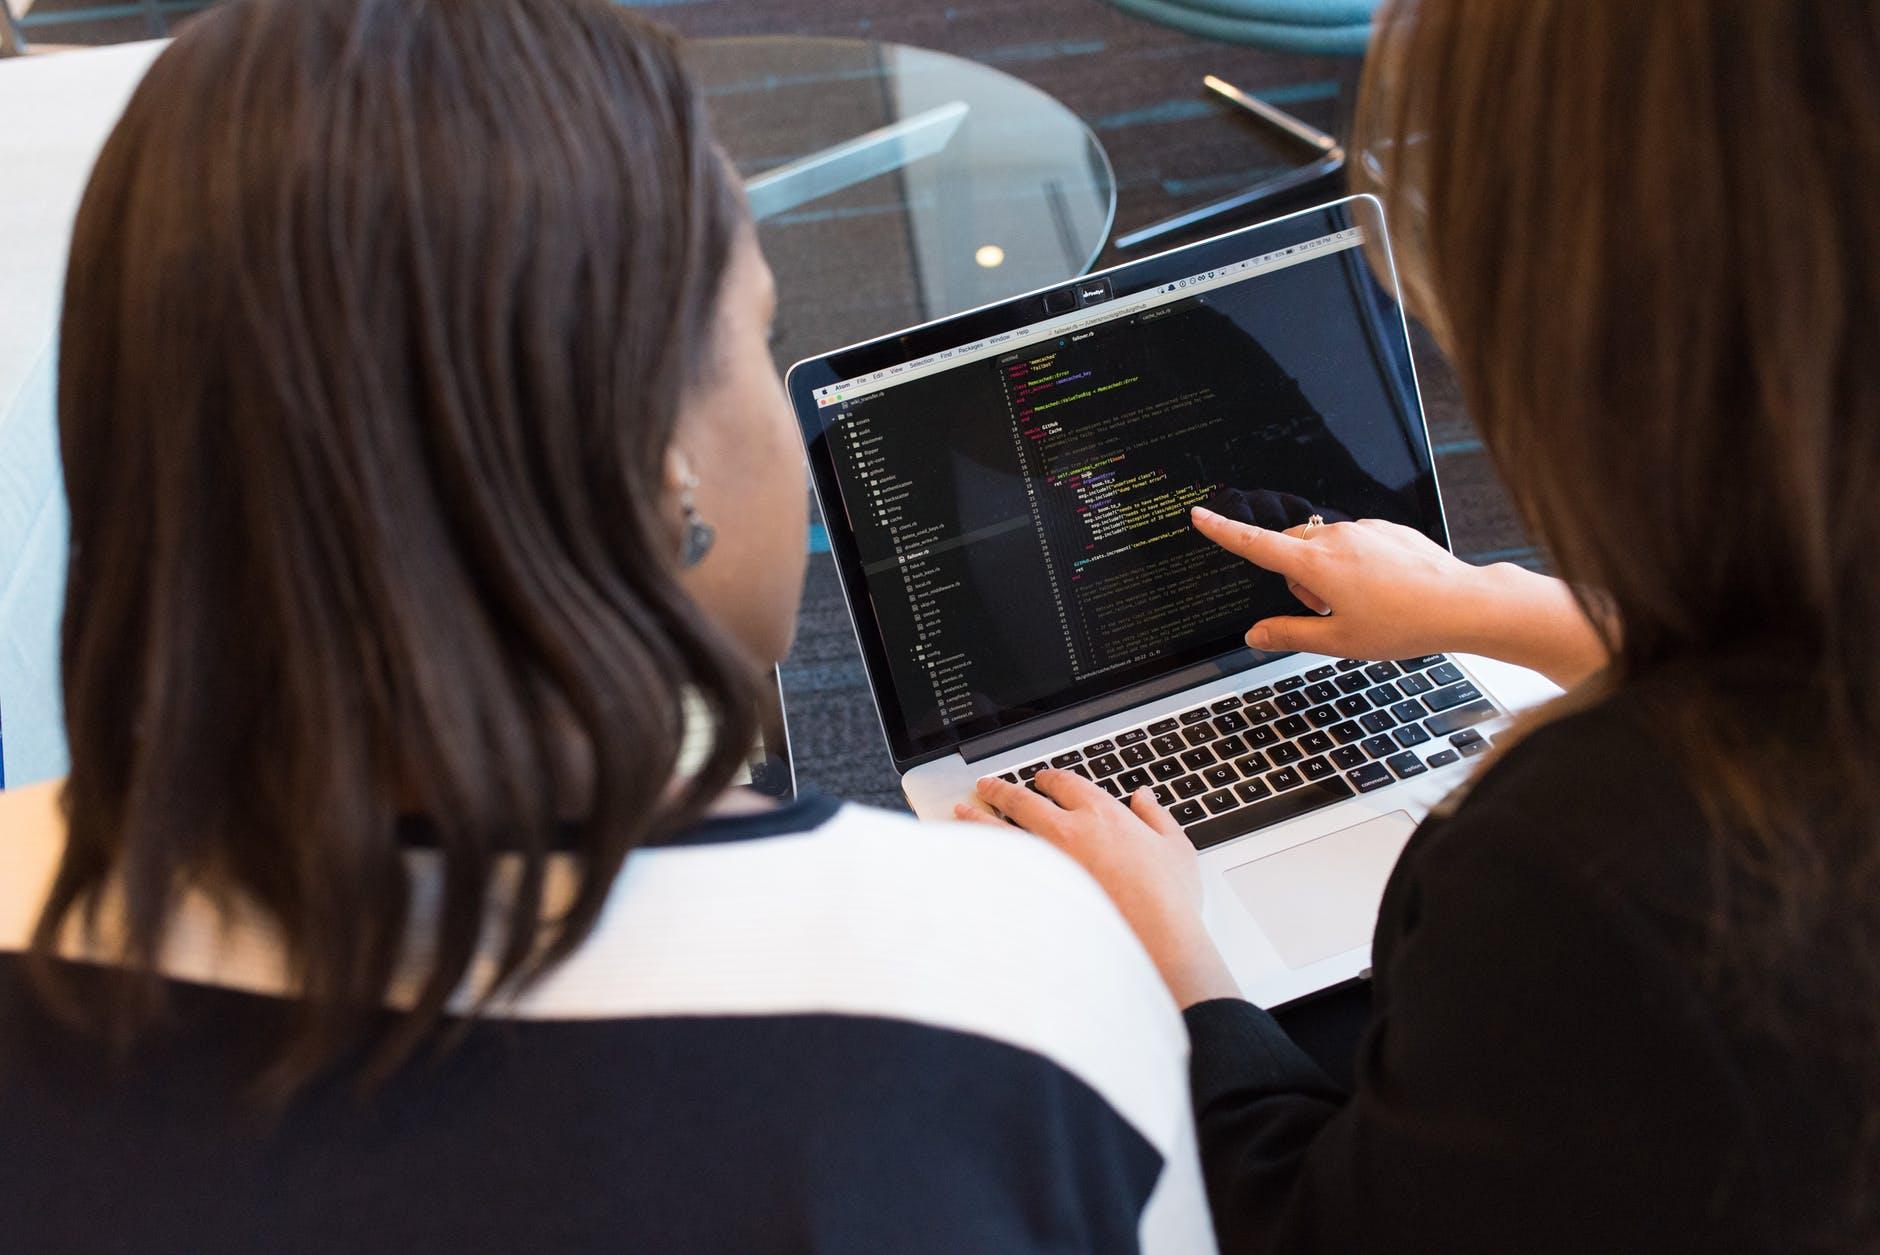 Imagem de duas mulheres conversando sobre dados estruturados na frente de um notebook ligado e com linhas de código na tela